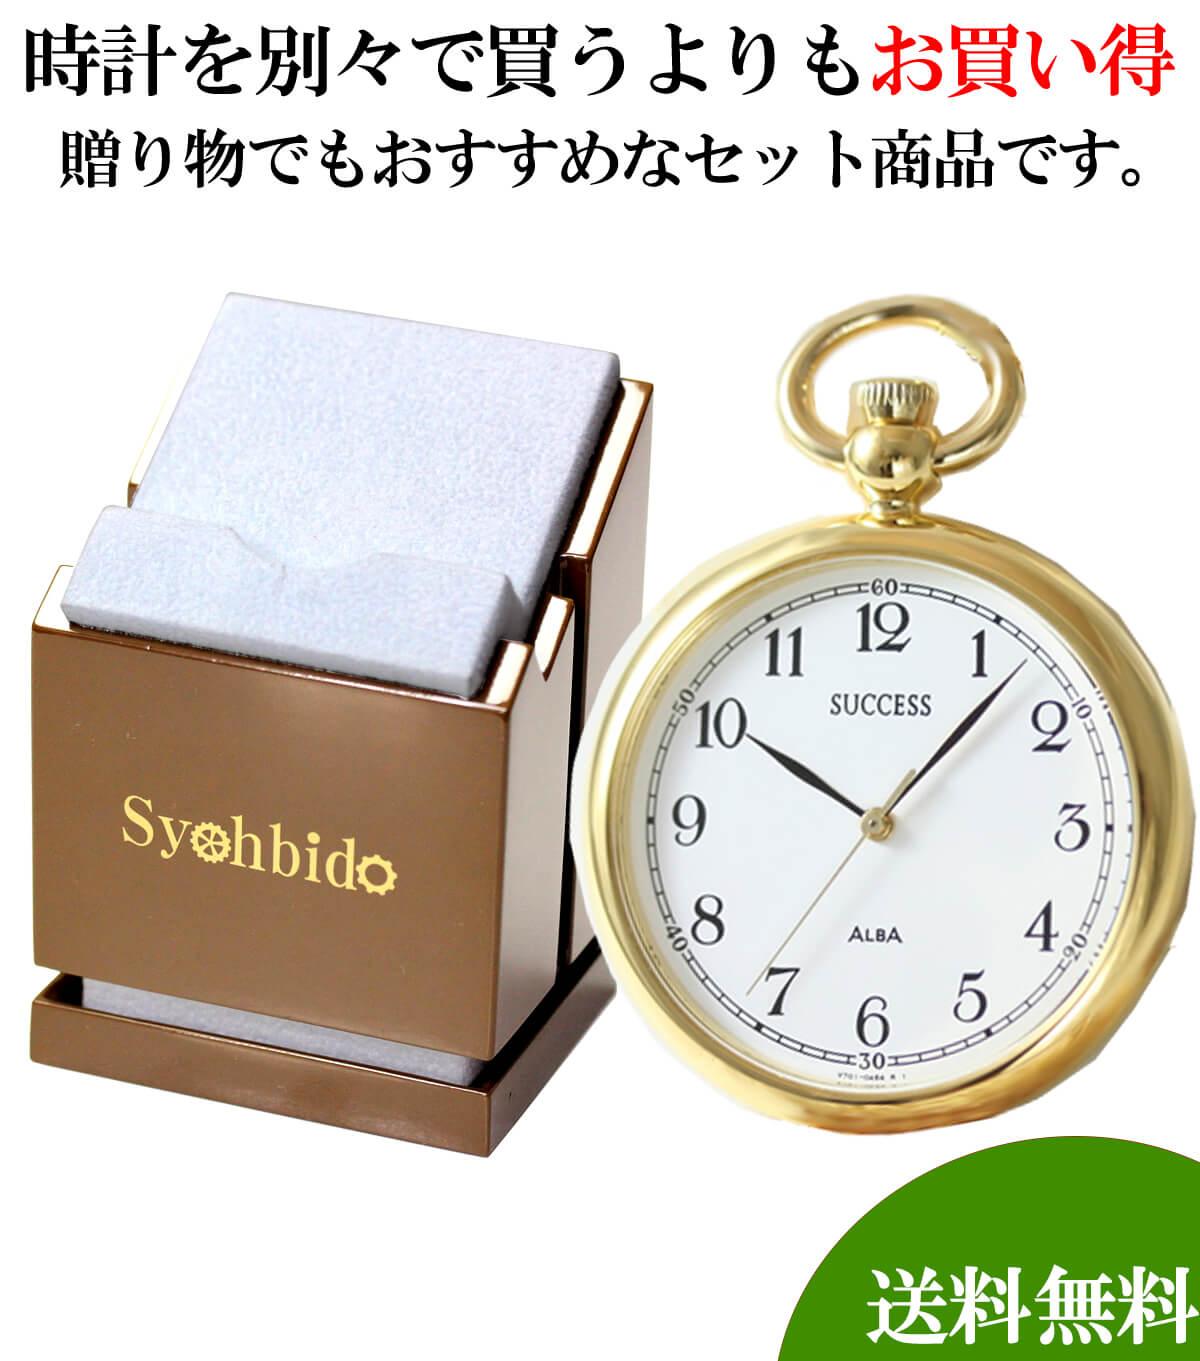 懐中時計と懐中時計専用スタンドのセット